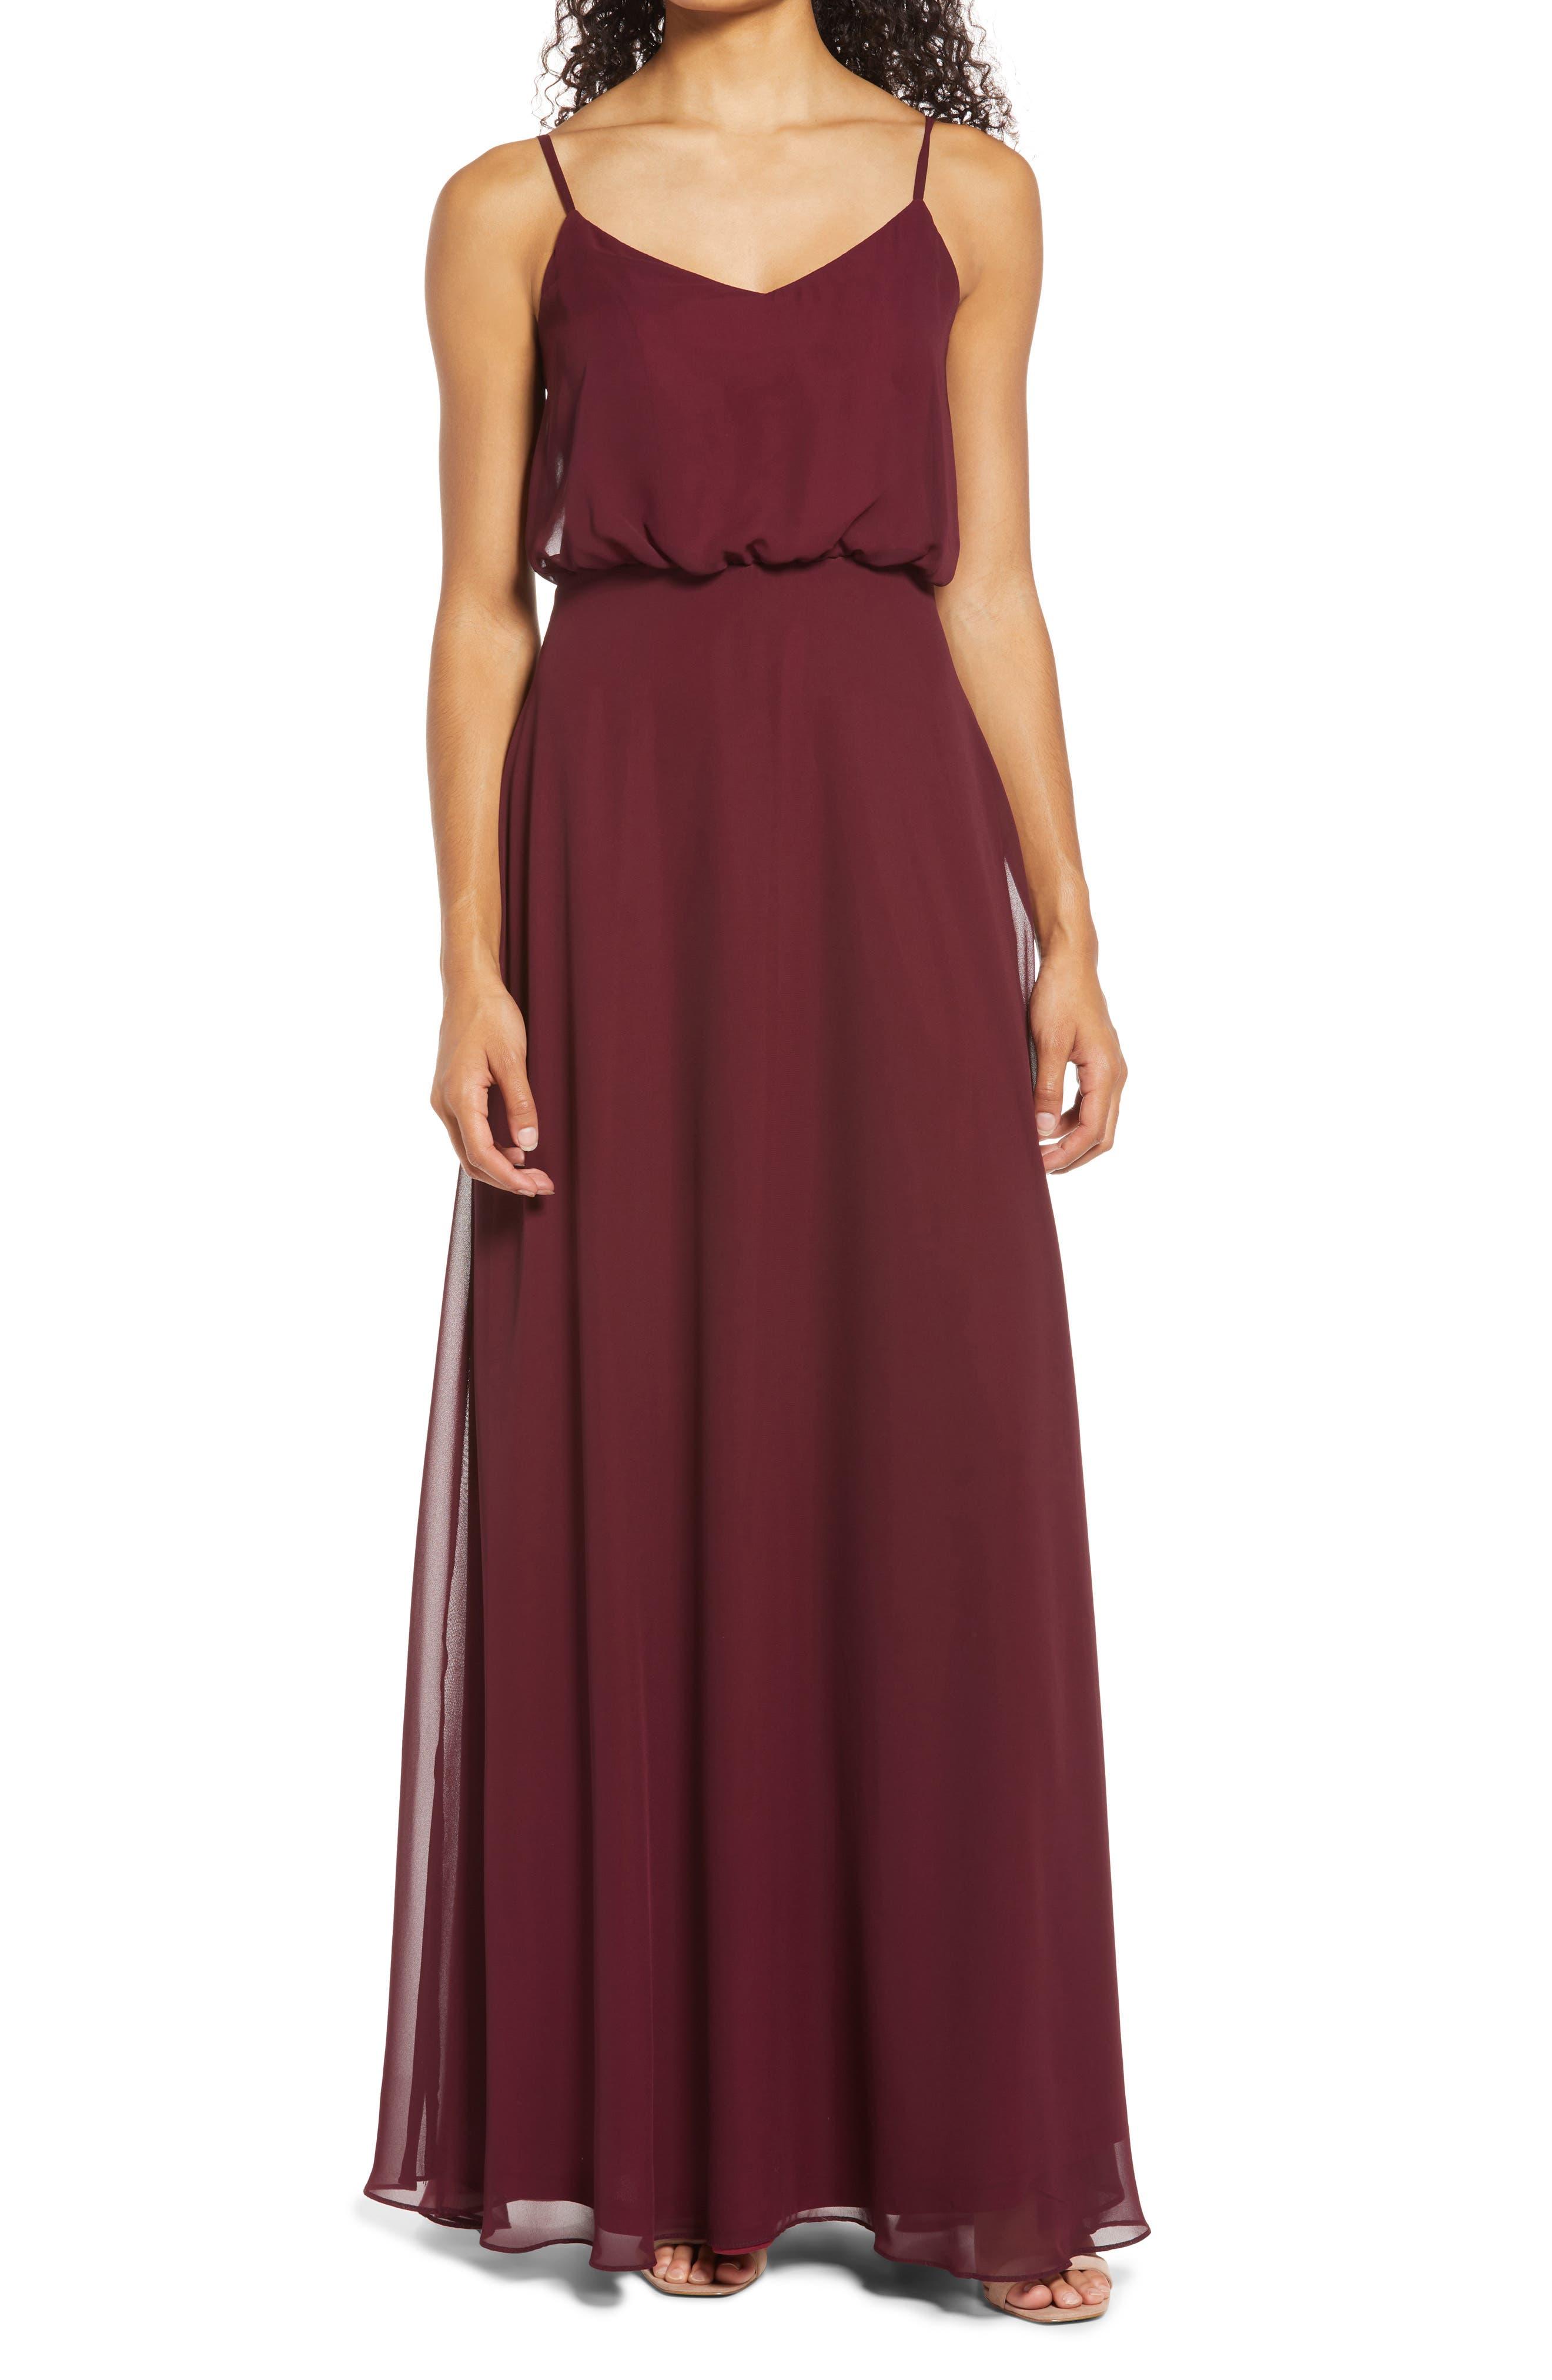 Gwennie Blouson Chiffon Evening Gown